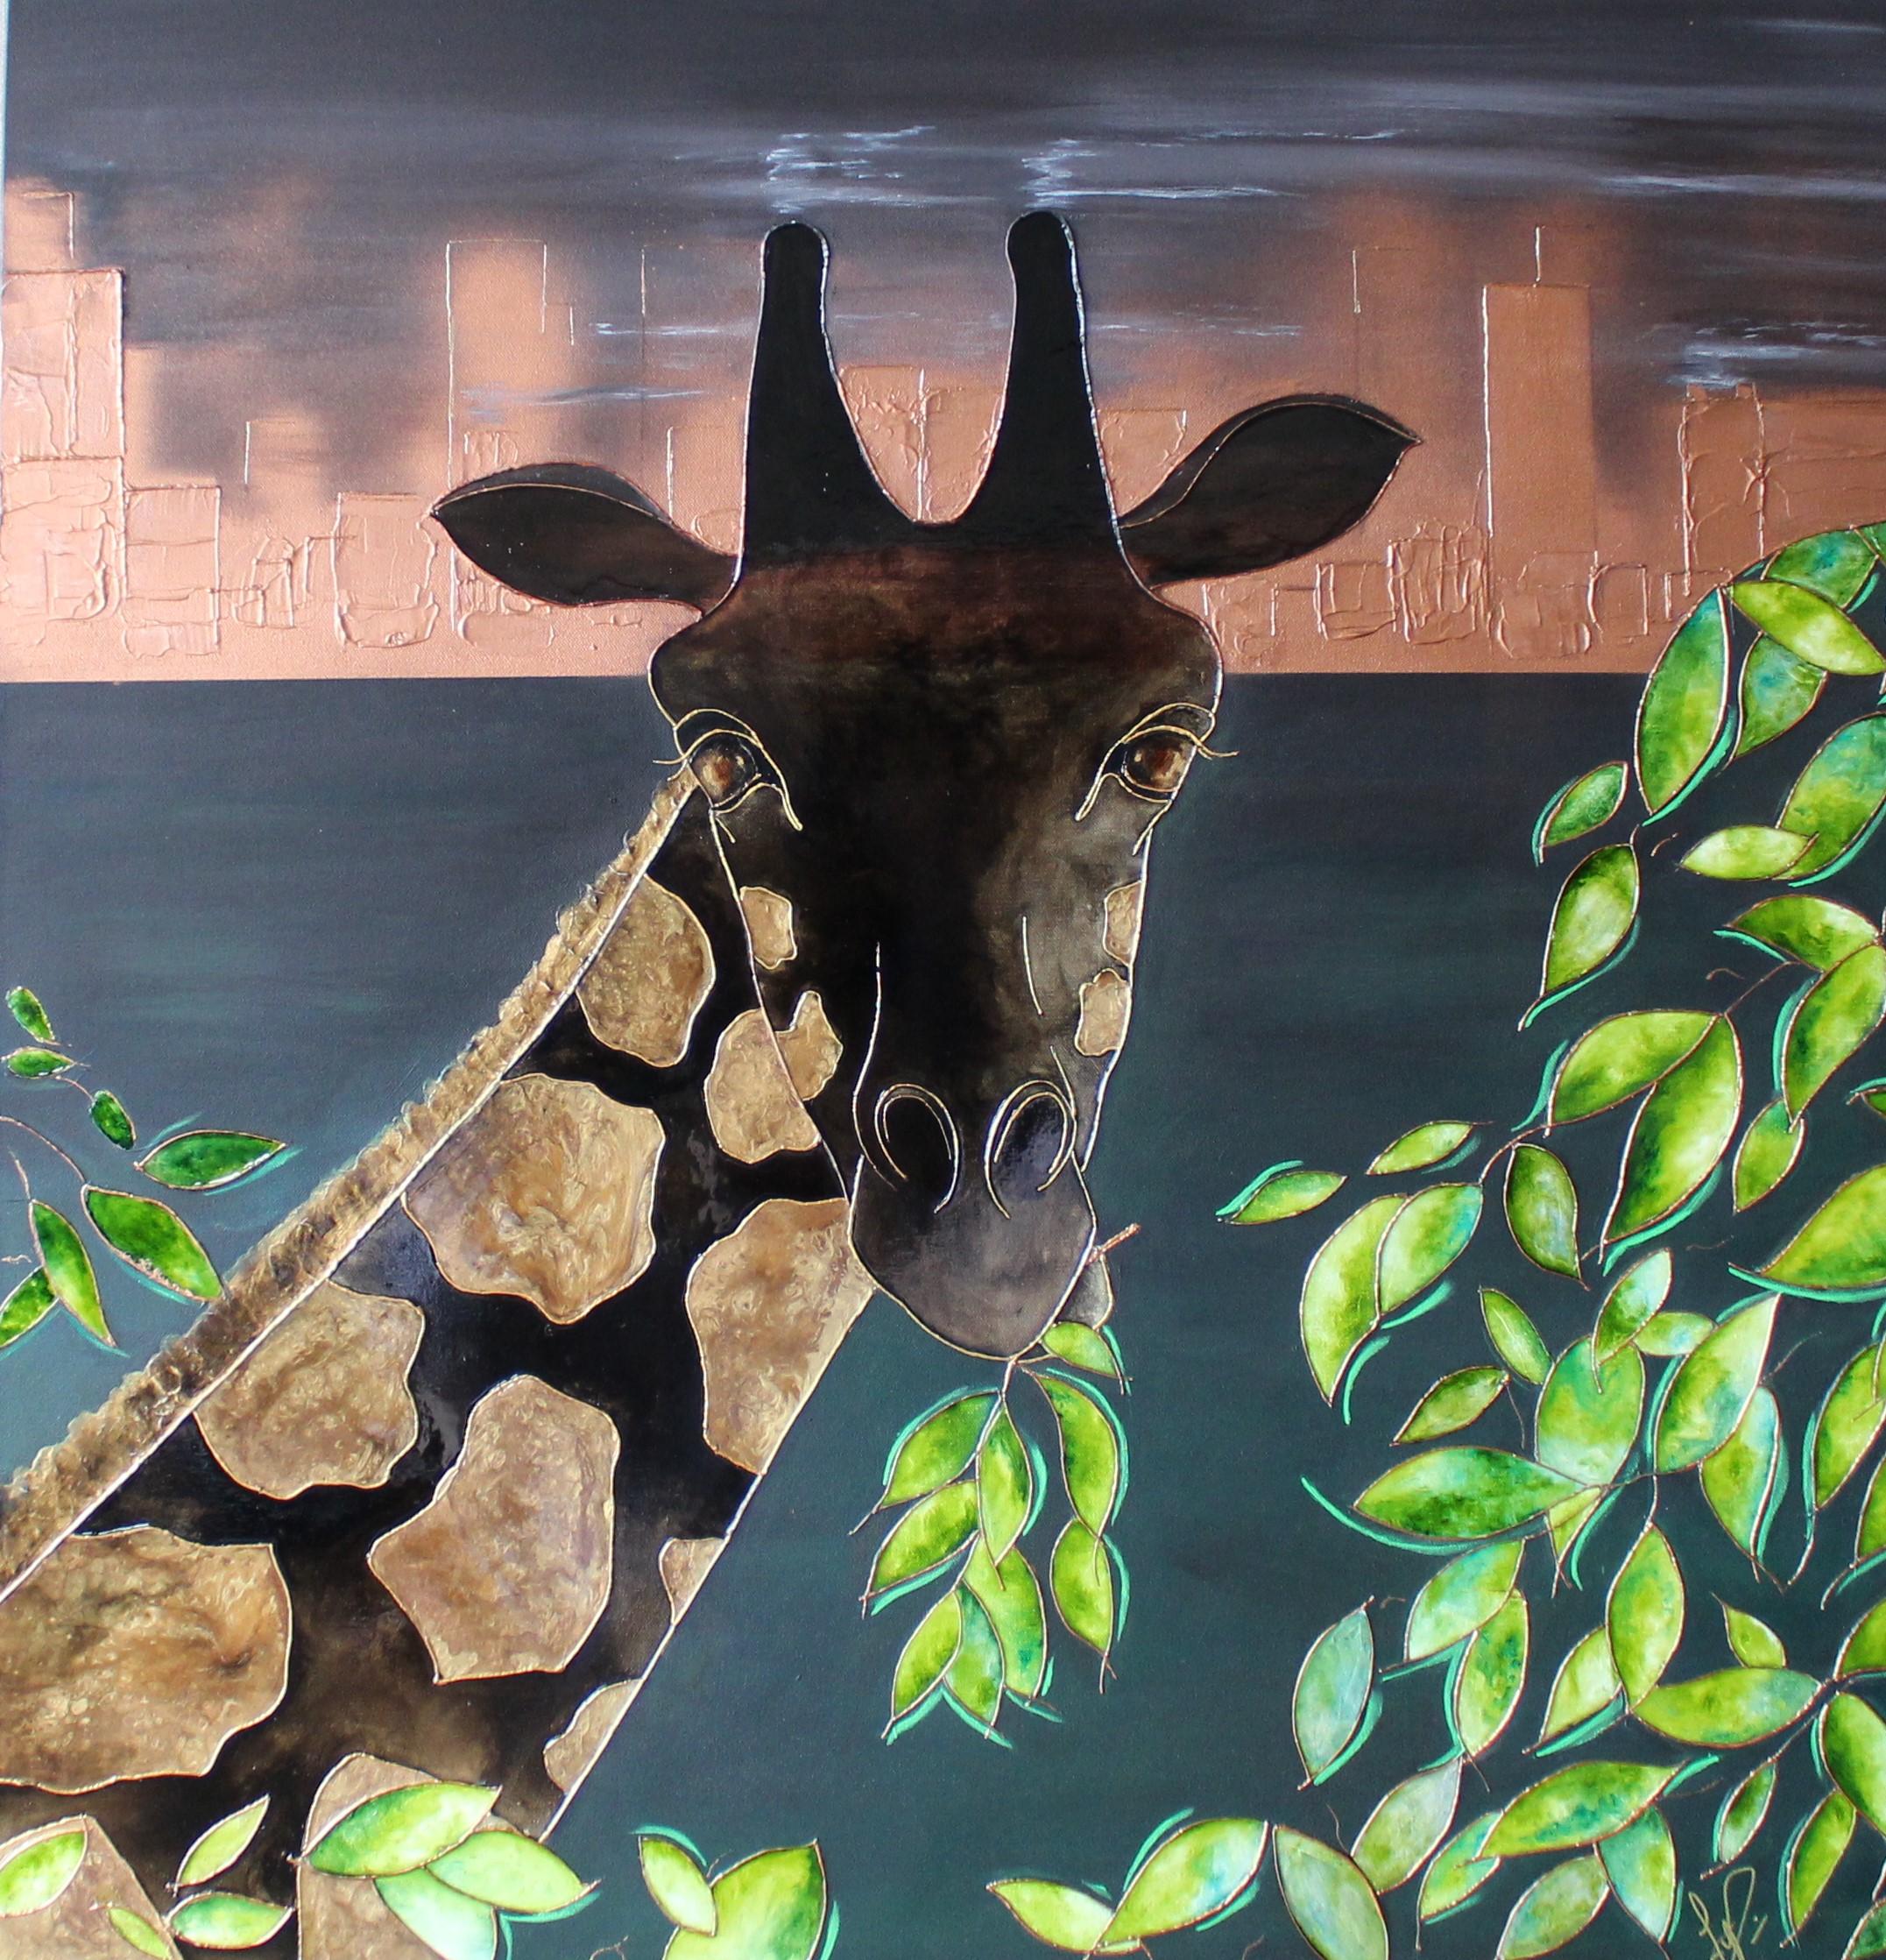 2020 La ville qui n'aimait plus les girafes Hommage à Anne Innis Dagg